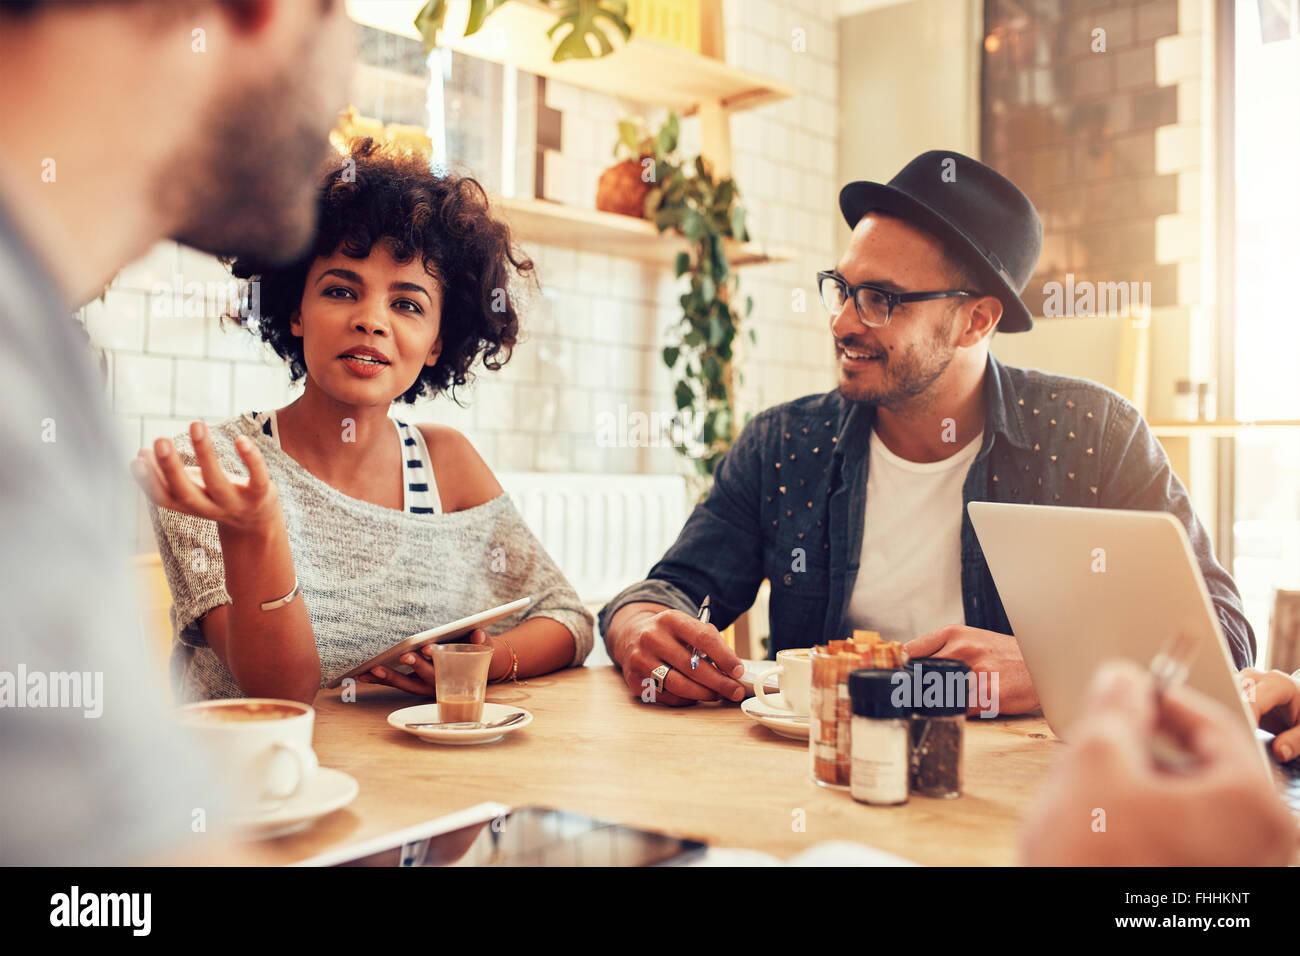 Ritratto di giovane donna di parlare con gli amici in un bar. Un gruppo di giovani riuniti in una caffetteria. Immagini Stock